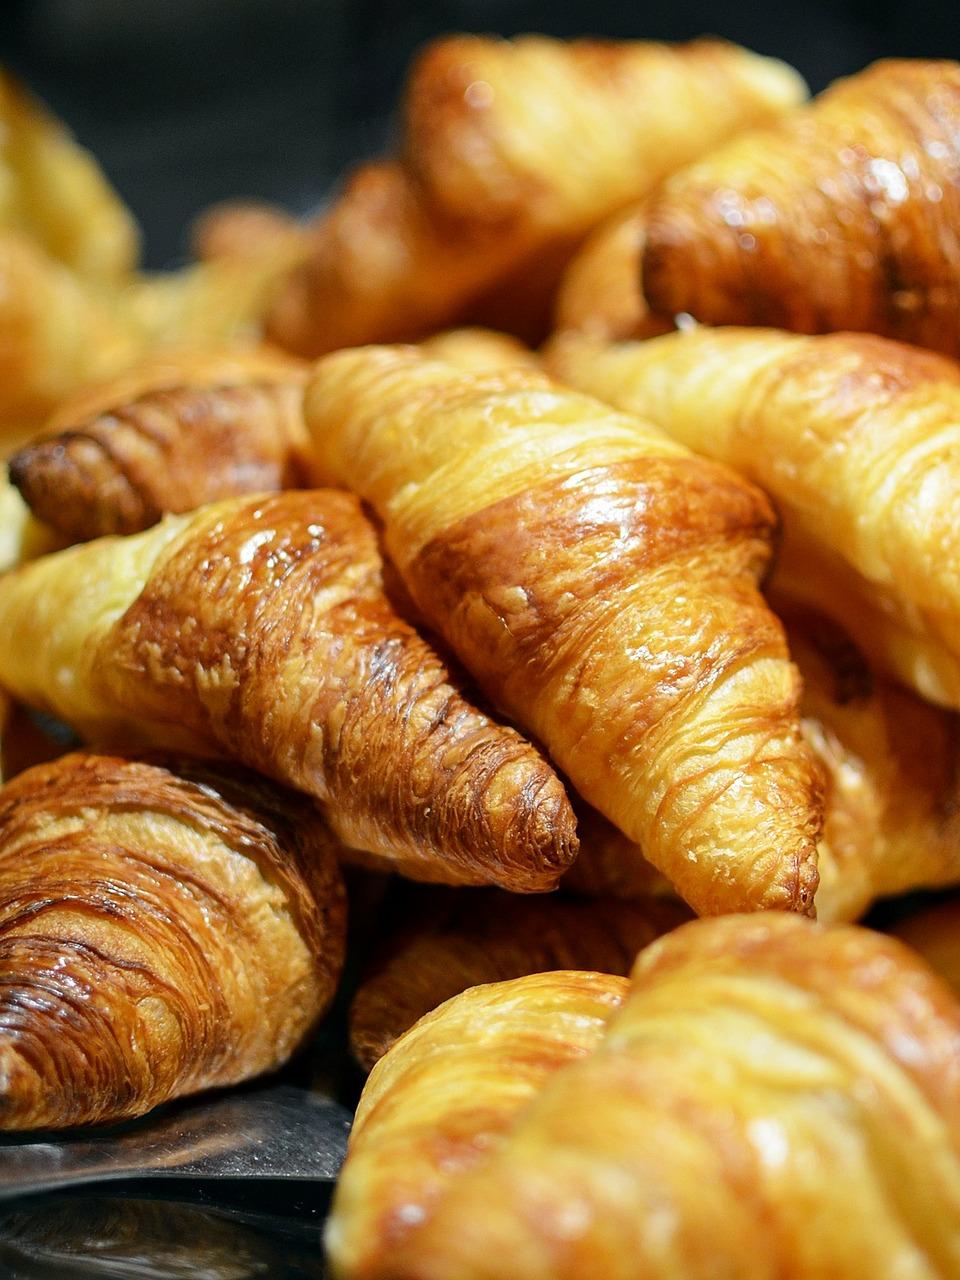 Les petits délices français.